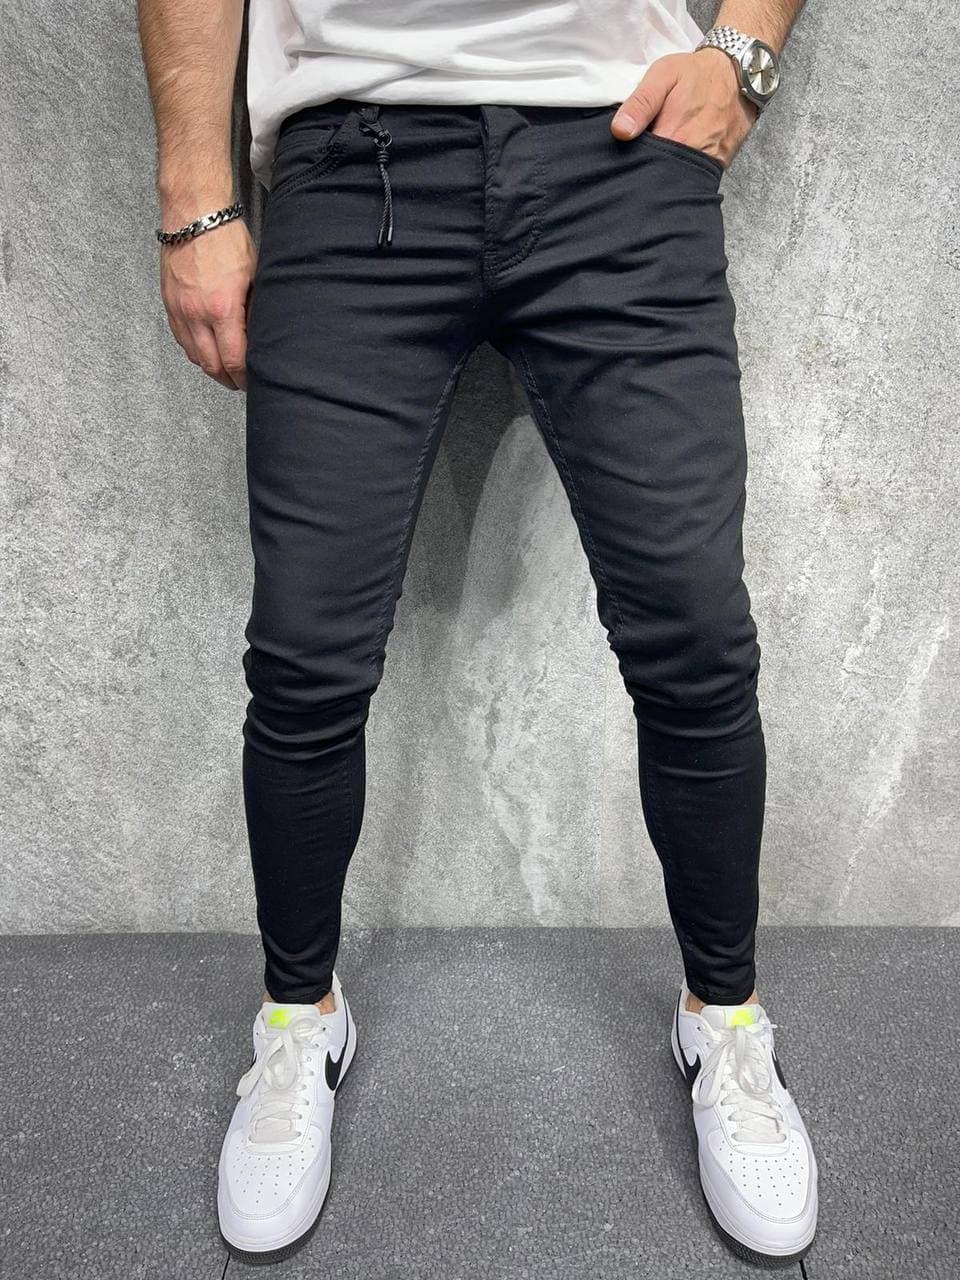 Мужские джинсы зауженные (черные) крутые повседневные A6436